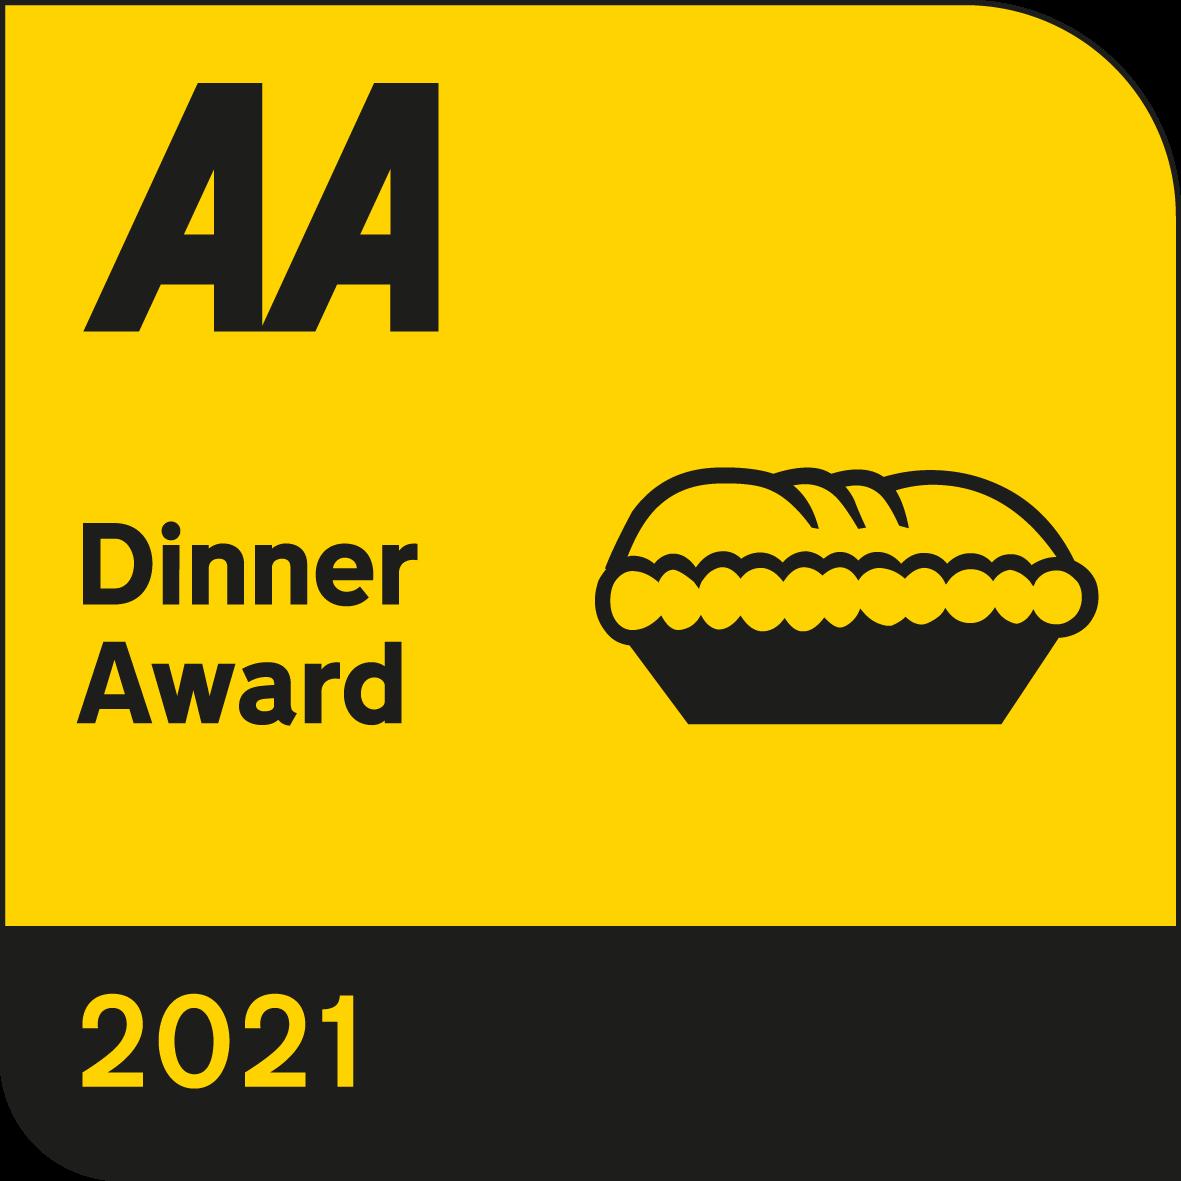 AA-DinnerAward-2021